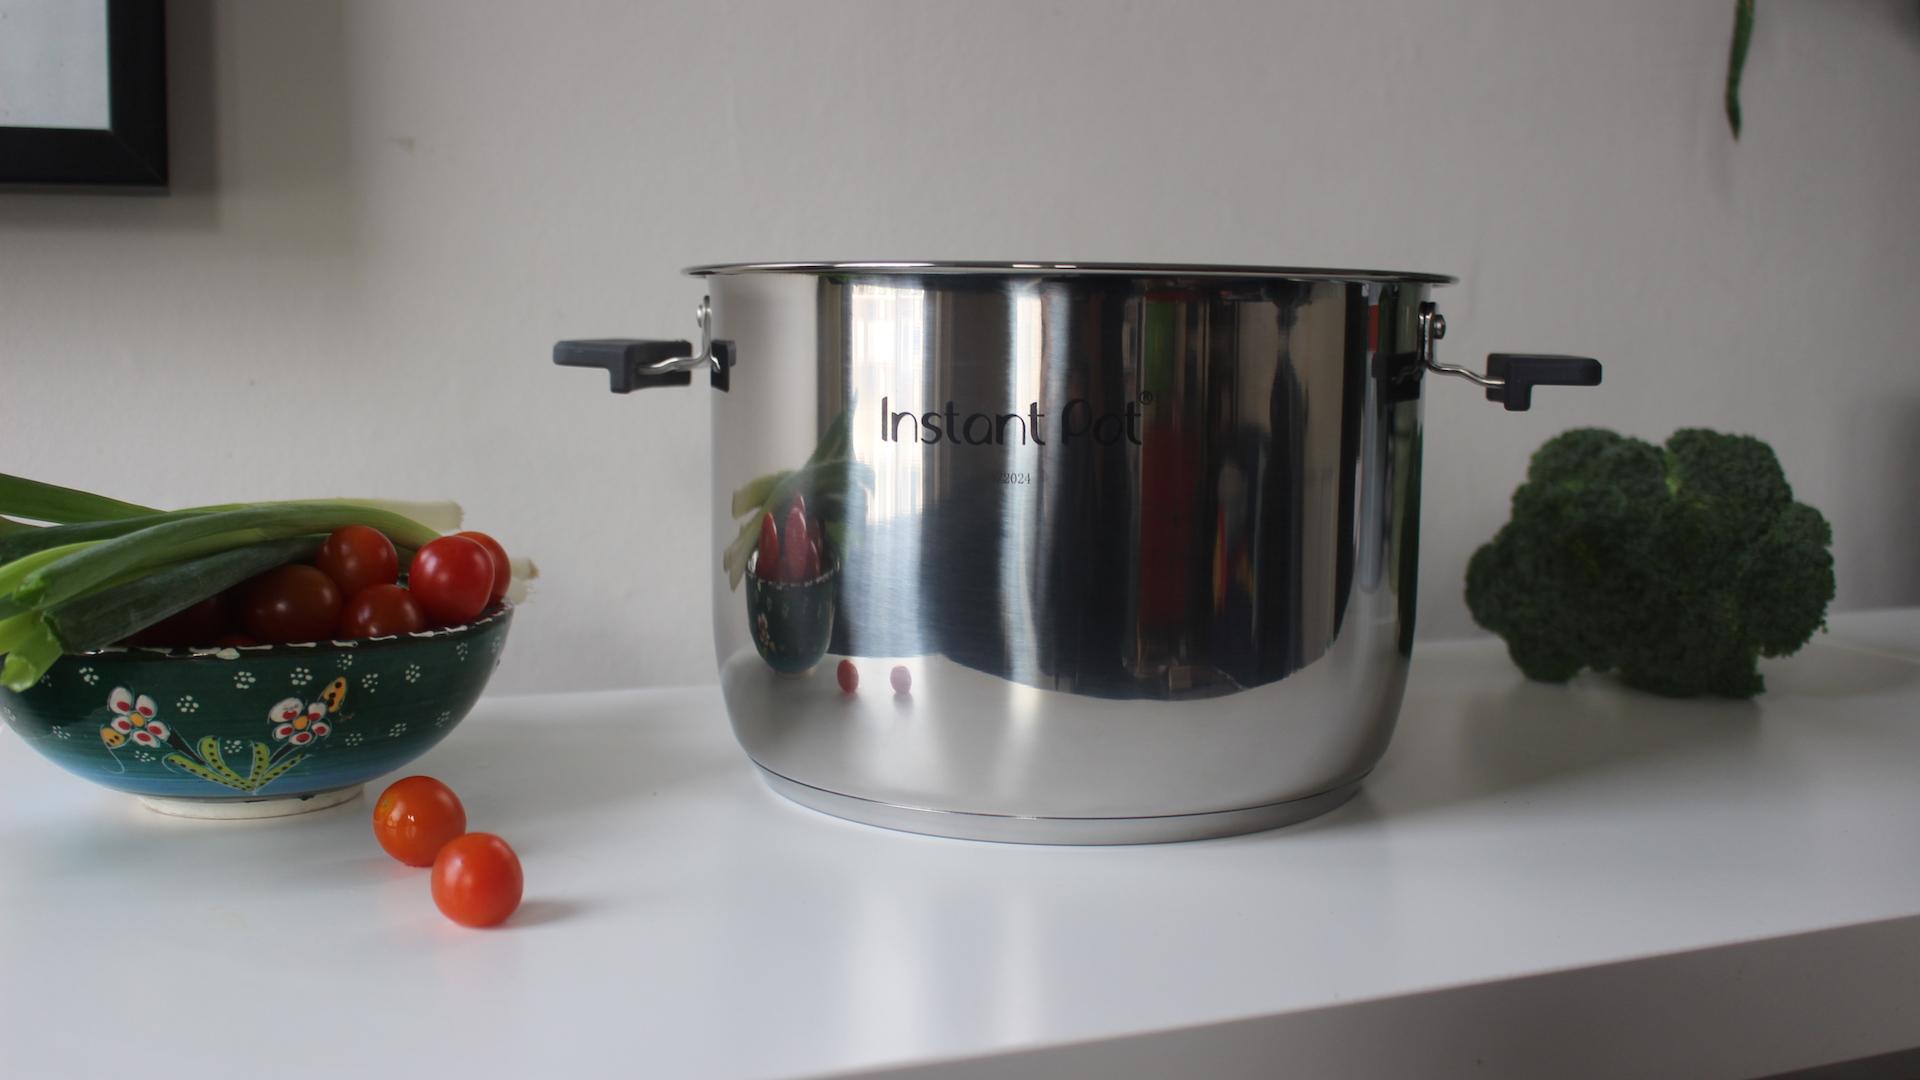 Instant Pot Duo Evo Plus 60